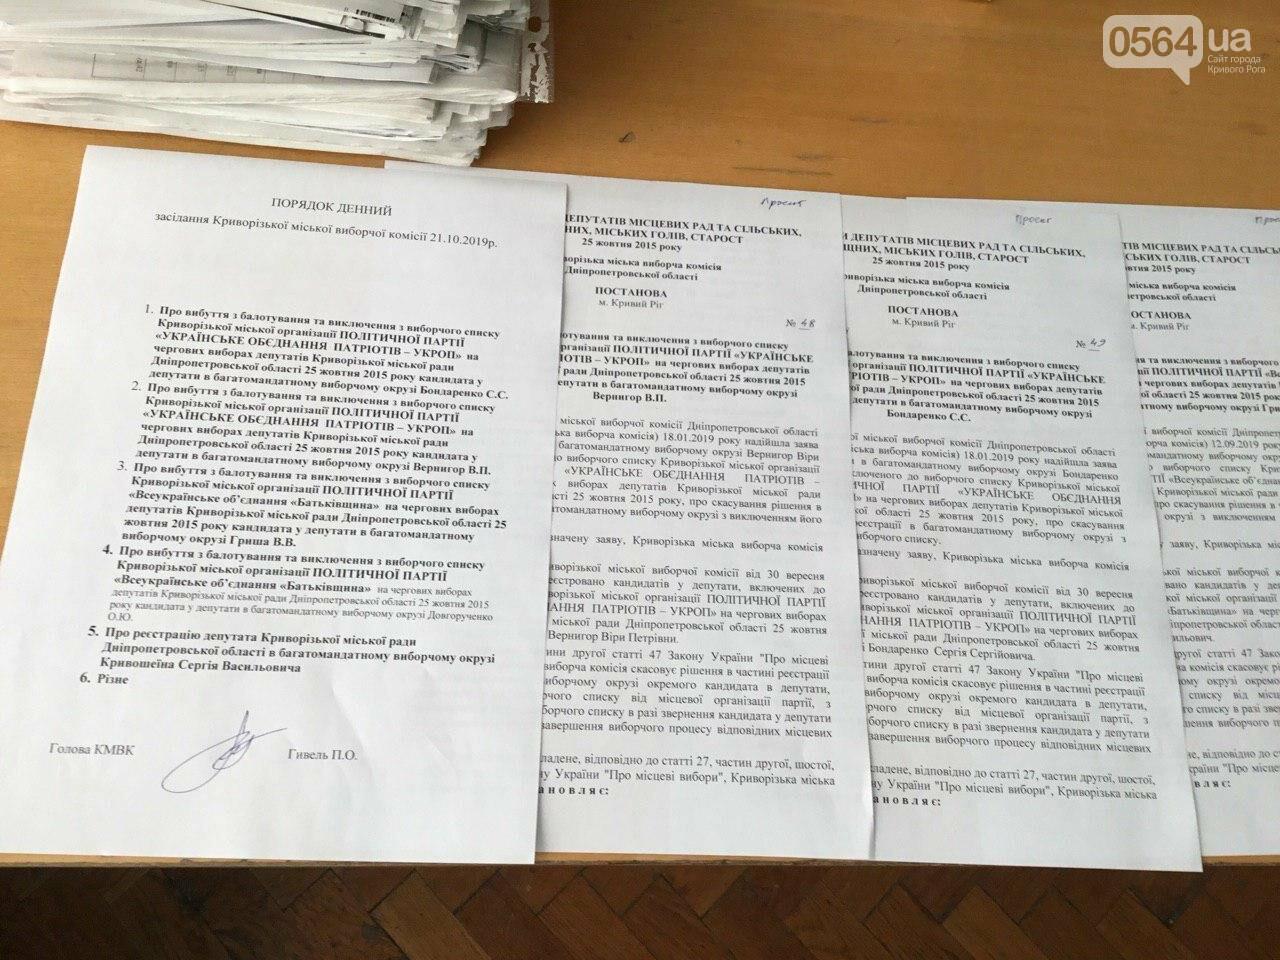 Стало известно, кто зайдет в Криворожский горсовет вместо депутата Михаила Карого, - ФОТО, фото-2